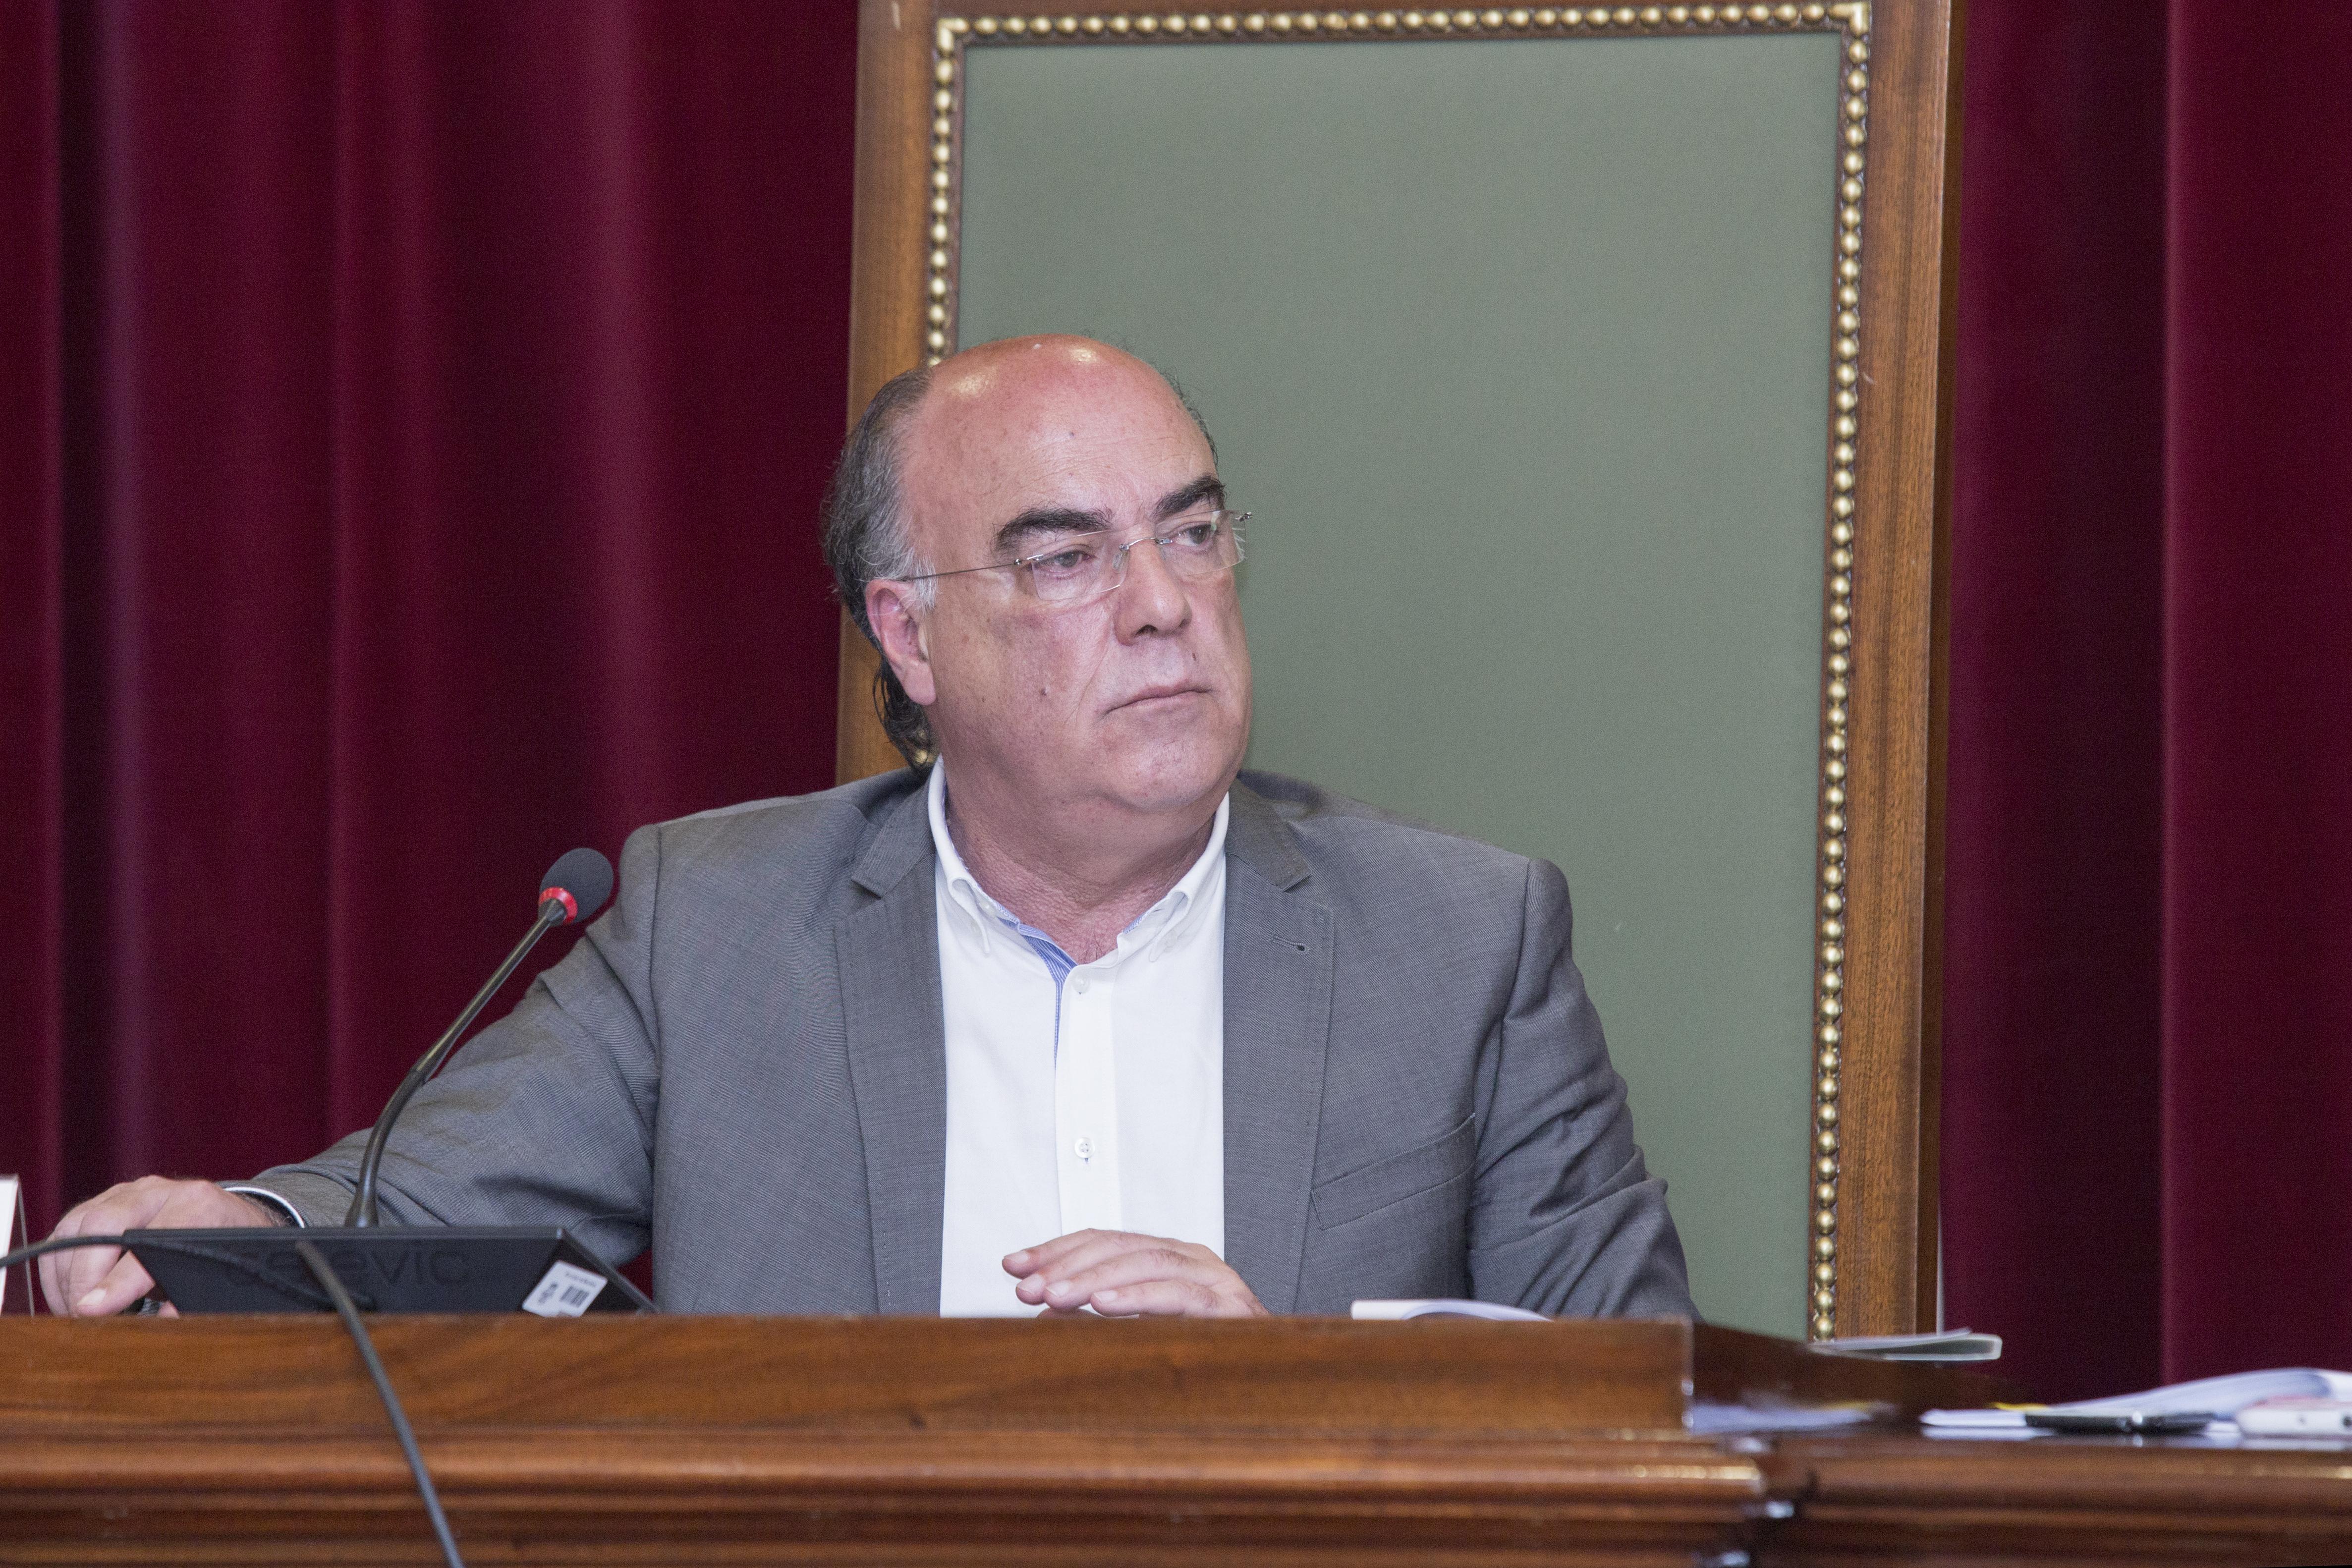 Câmara atribui cerca de 370 mil euros em subsídios às freguesias